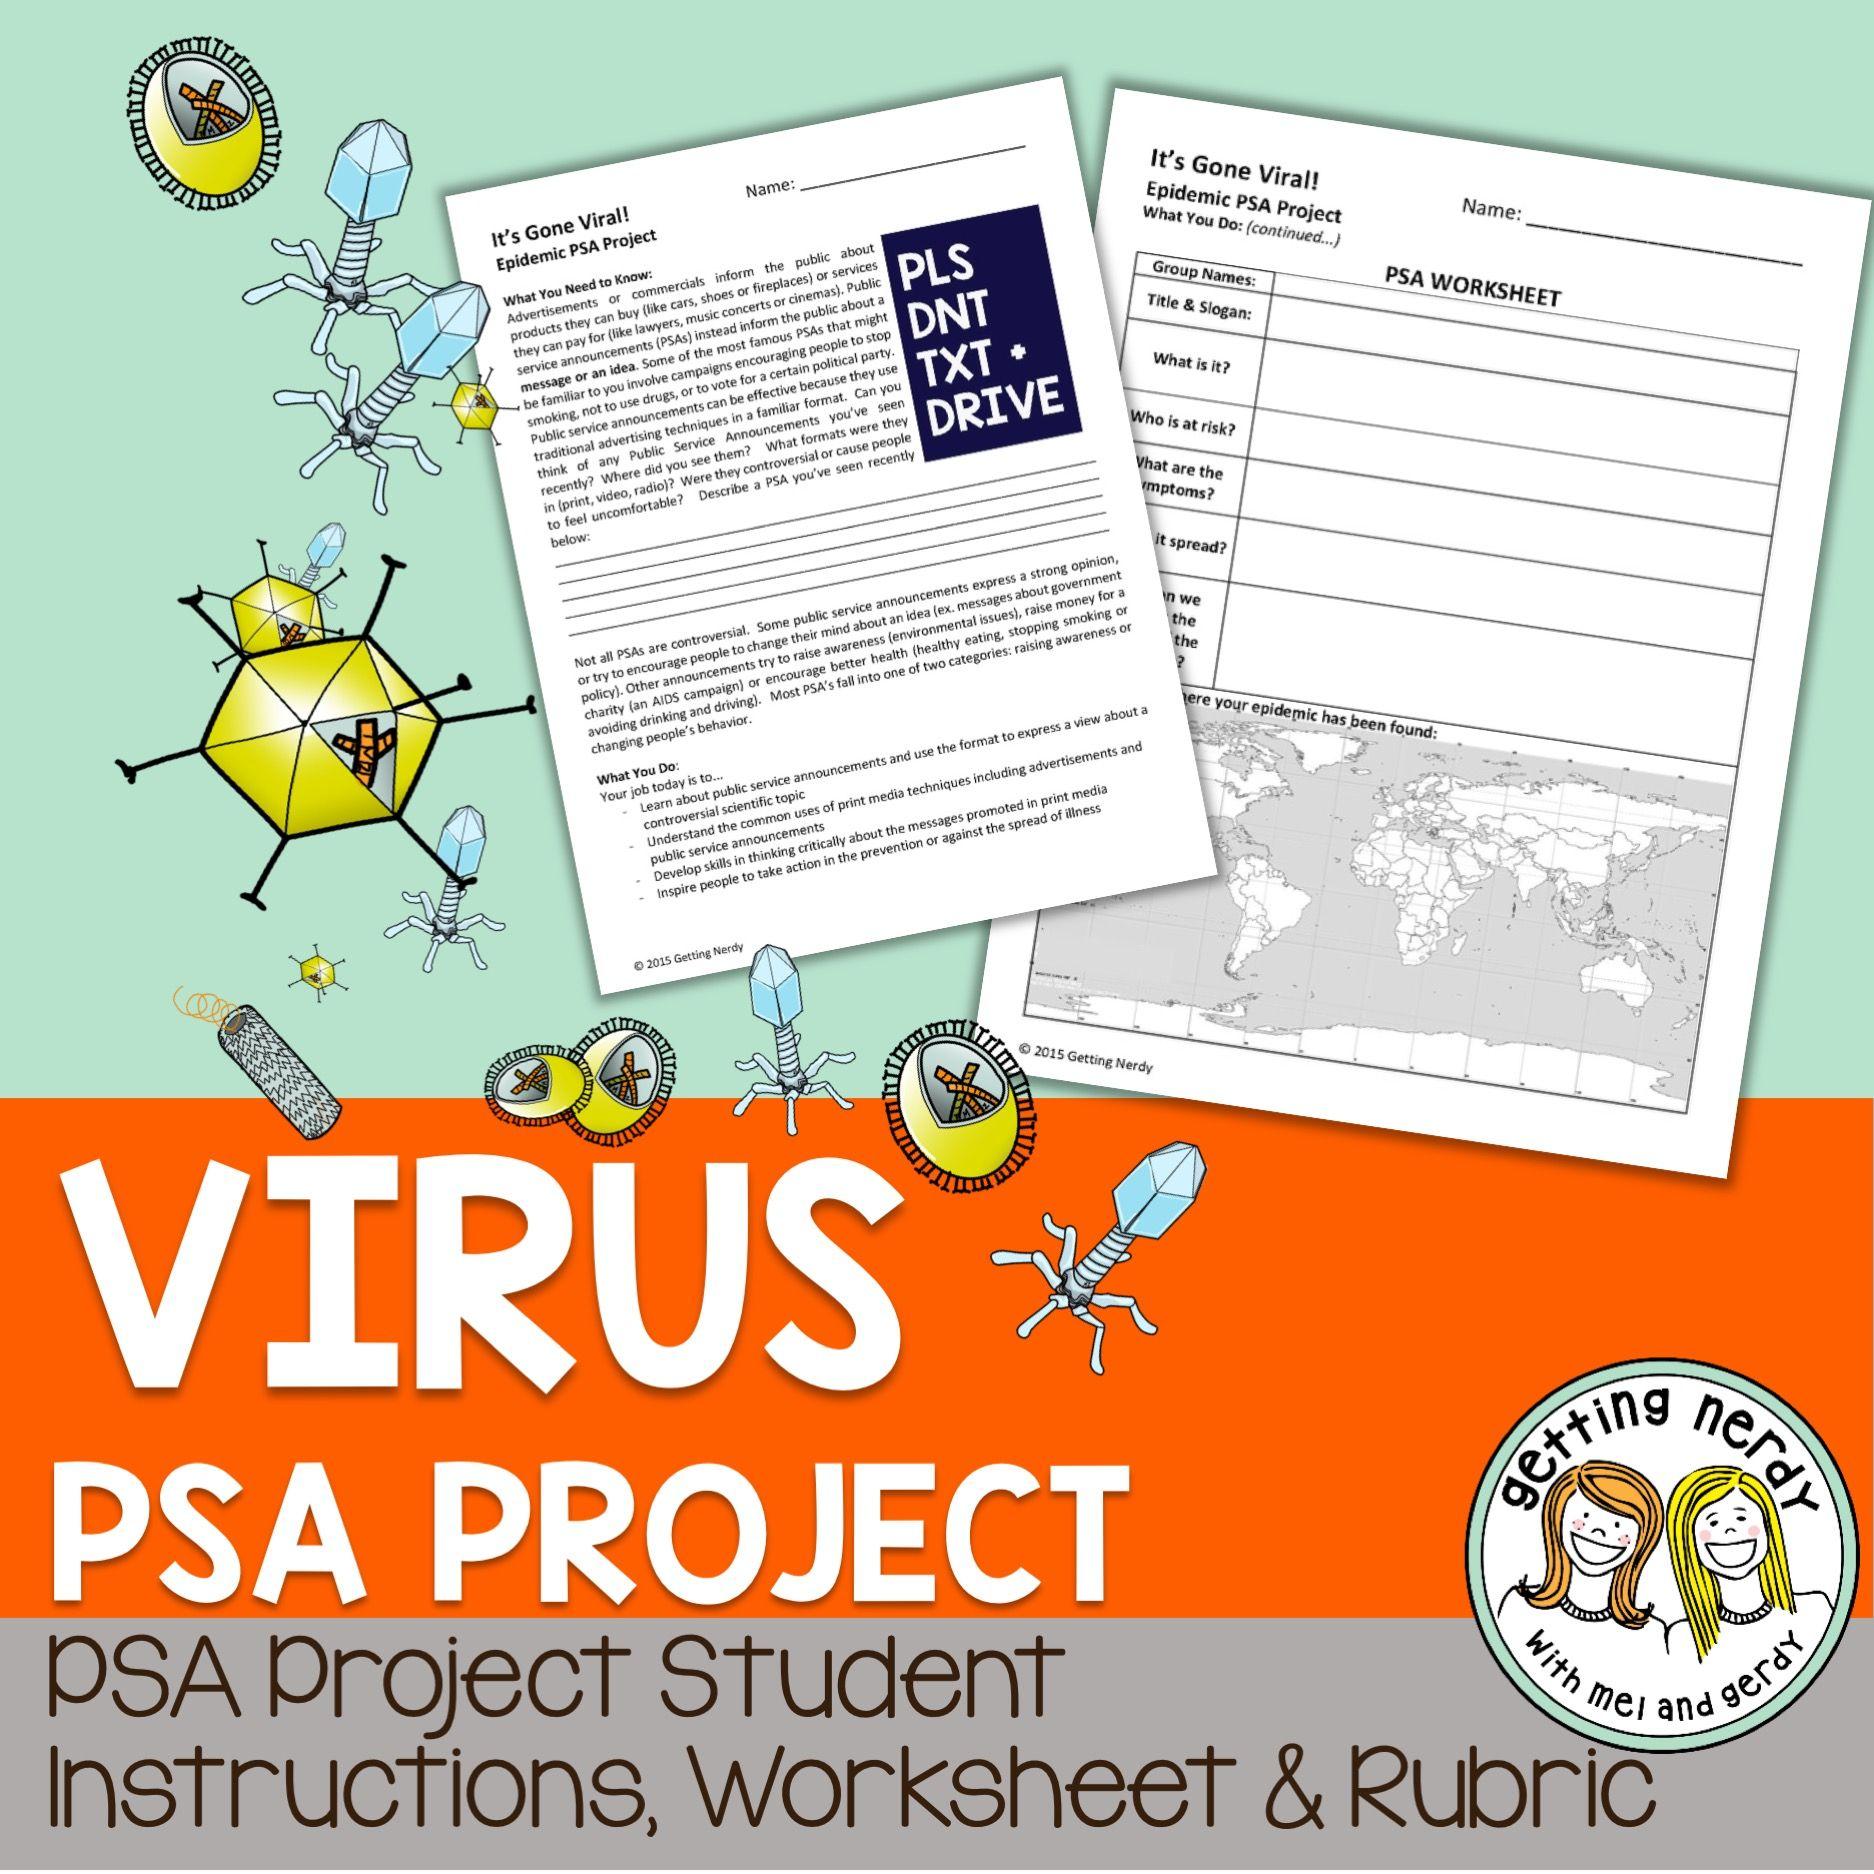 Epidemic Public Service Announcement Project